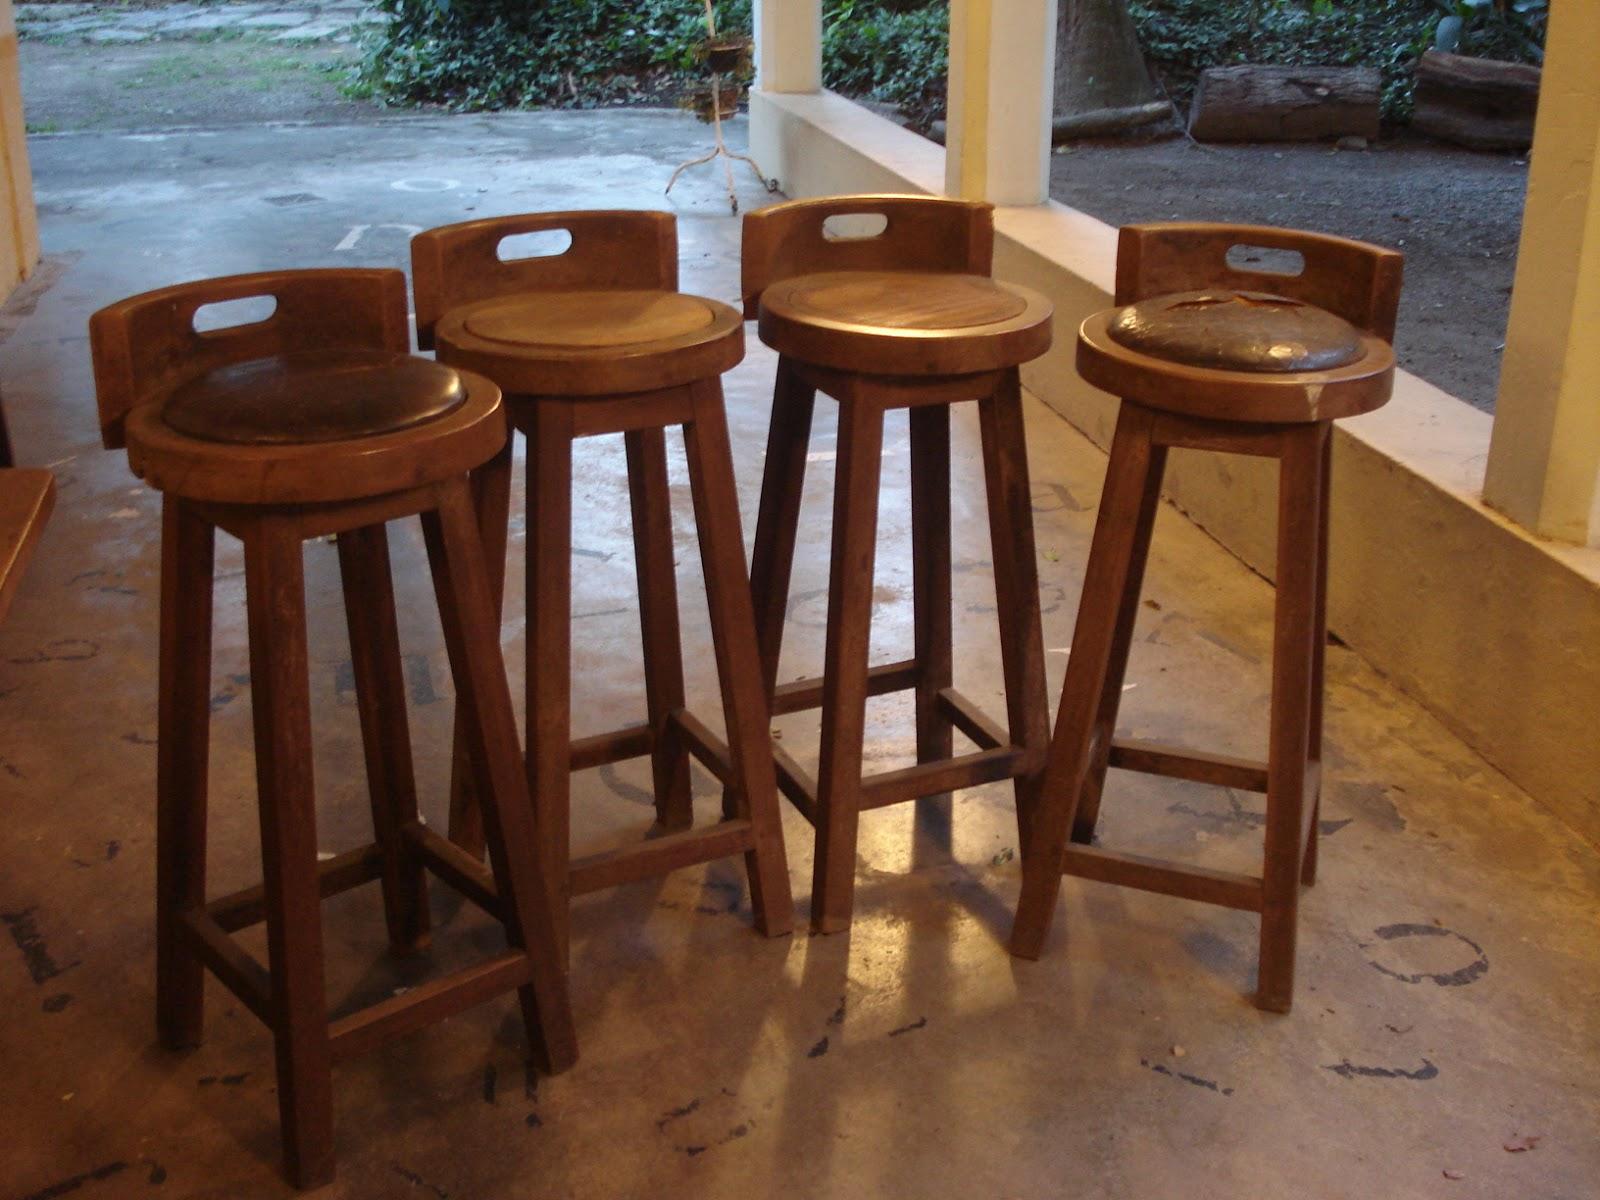 lindas banquetas altas em madeira e couro (no estado) #946837 1600x1200